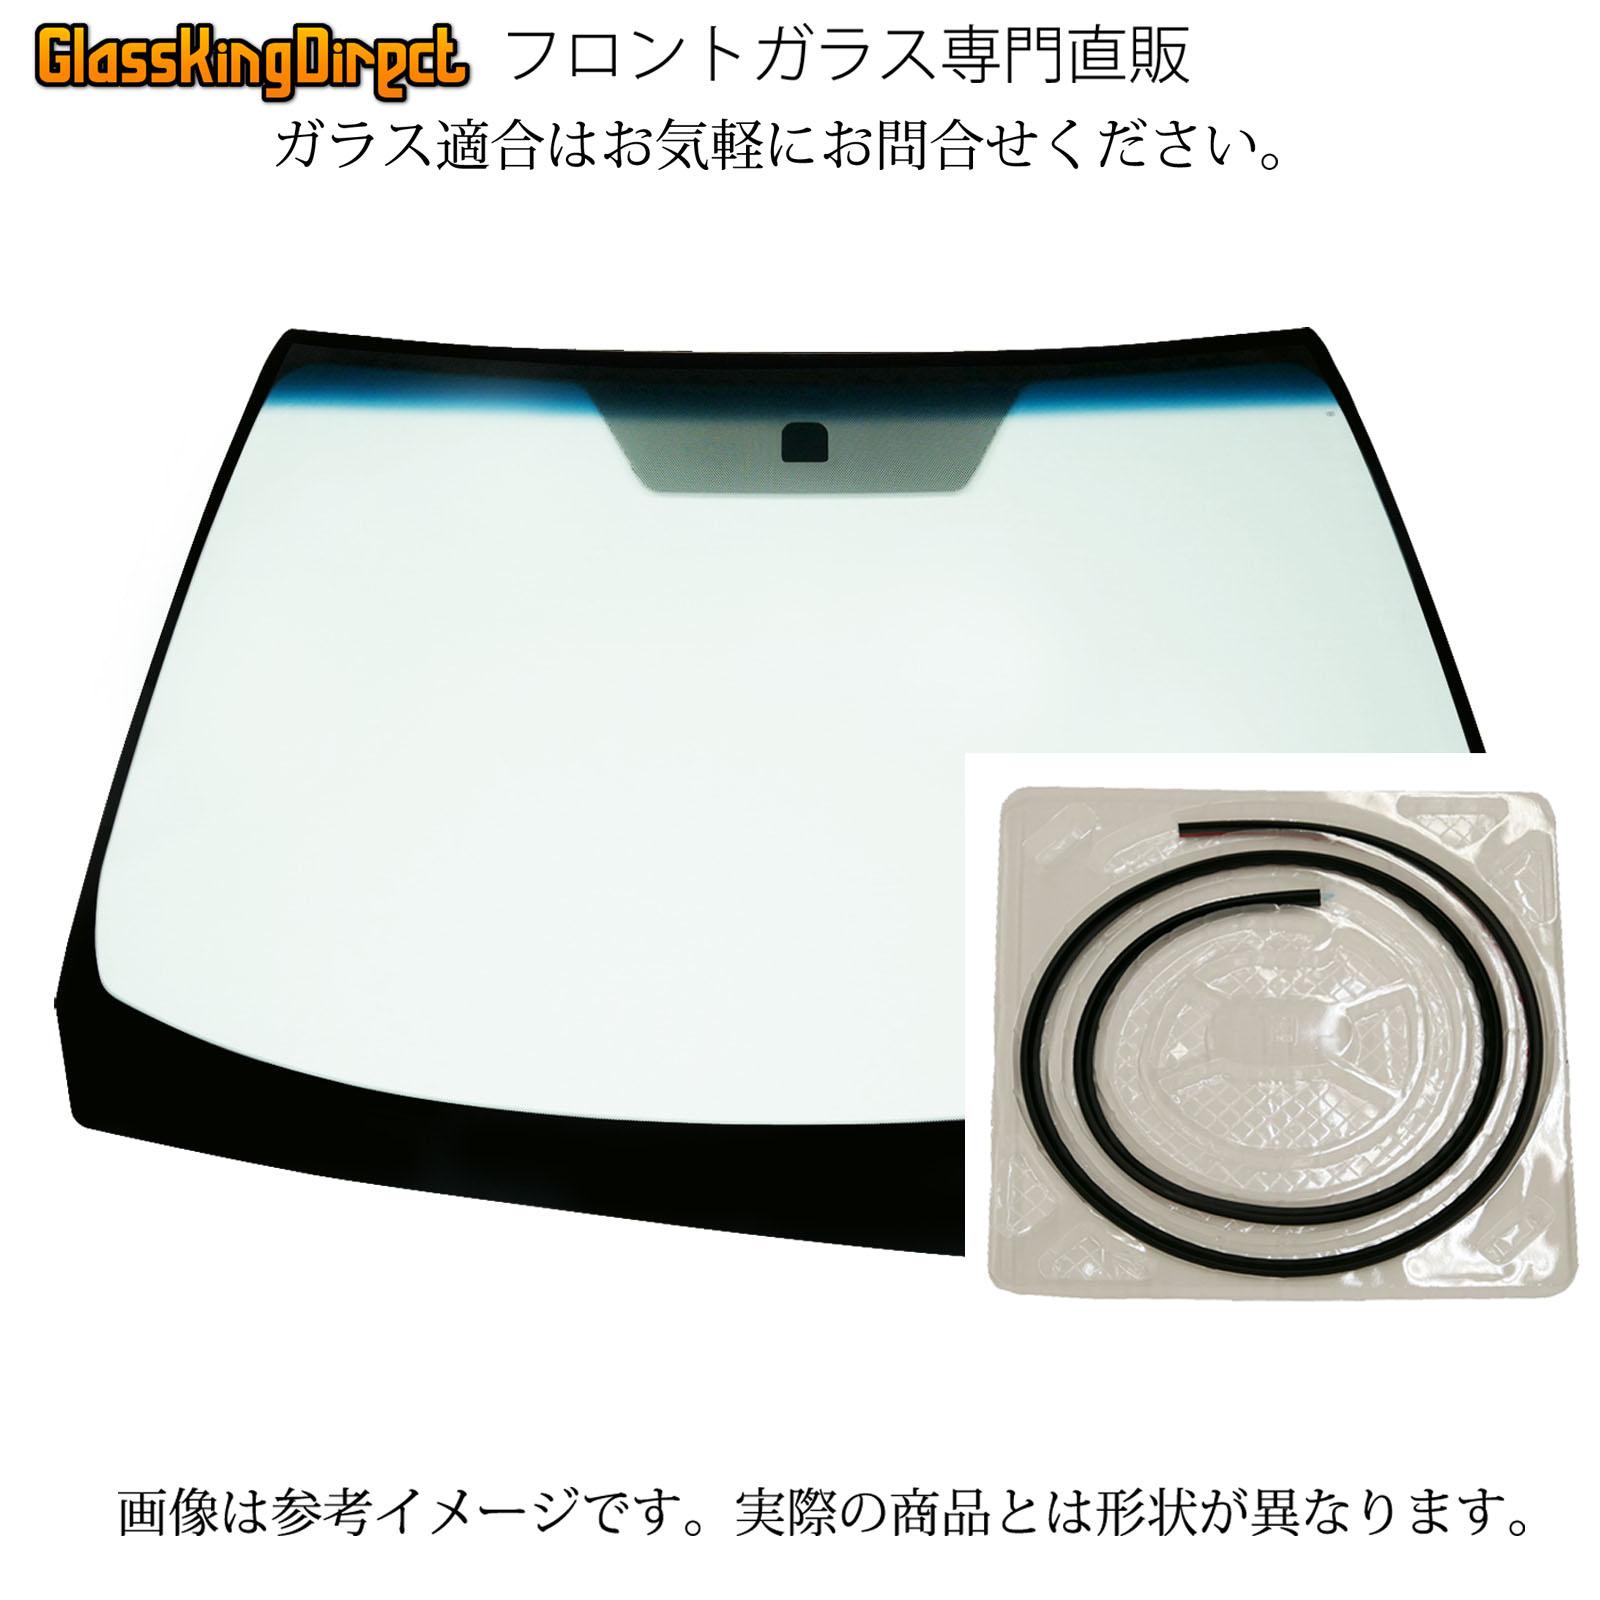 トヨタ ハイエース/レジアスエース フロントガラス モールSET 備考:社外専用型式 モールSET。バックモニター付は適合不可車輌:KDH220系/TRH210、220系 トヨタ フロントガラス [高品質][新品][格安フロントガラス], ビューティフルサンデー:ef6b5e7b --- mail.ciencianet.com.ar